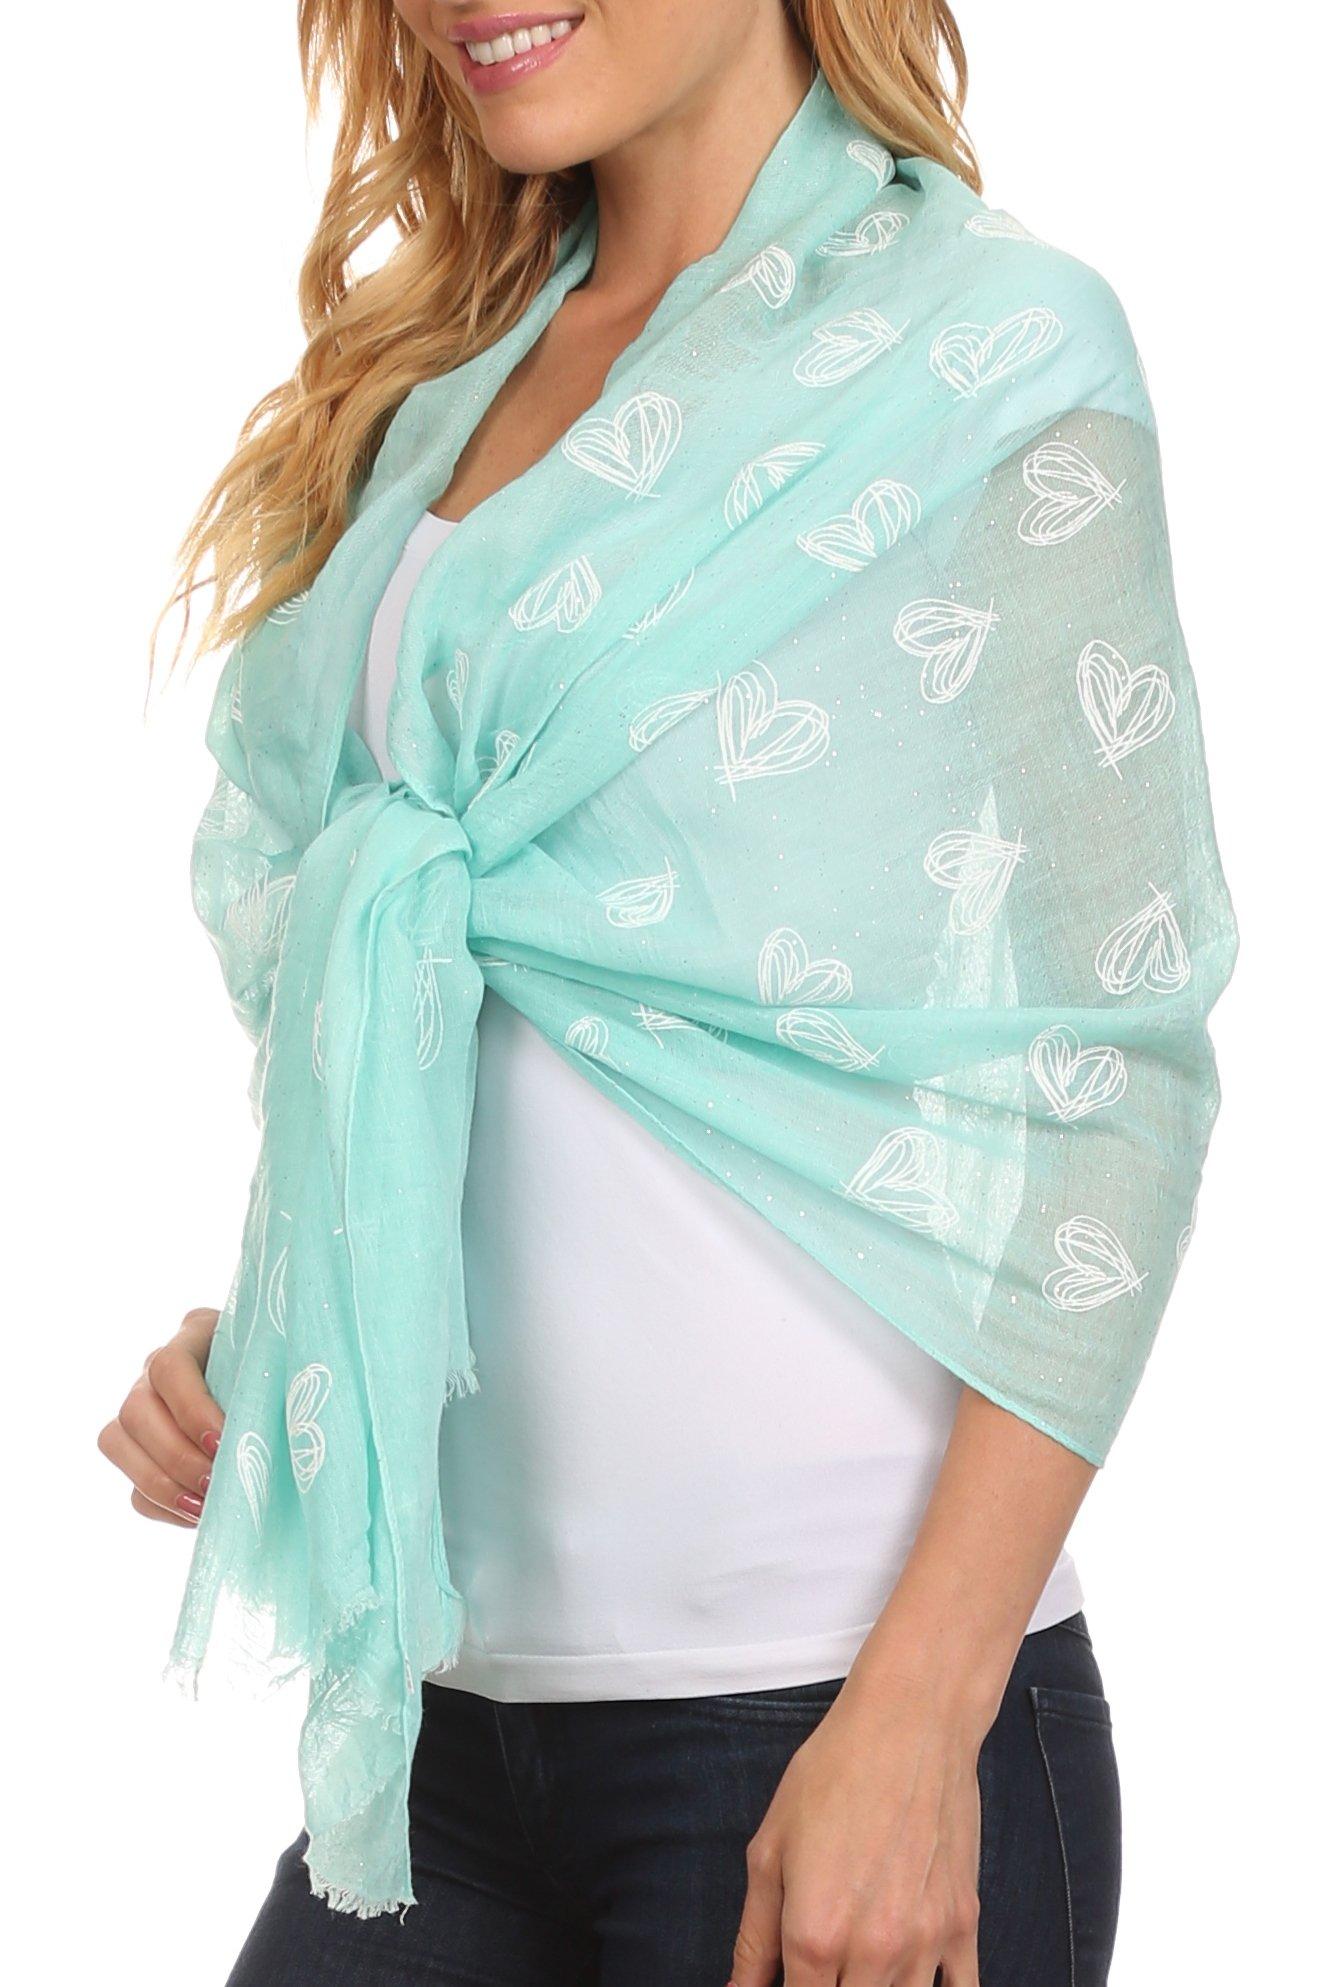 Sakkas CBS-5 - Hillary summer breeze lightweight flowing sheer gauze wrap scarf - 5-Mint - OS